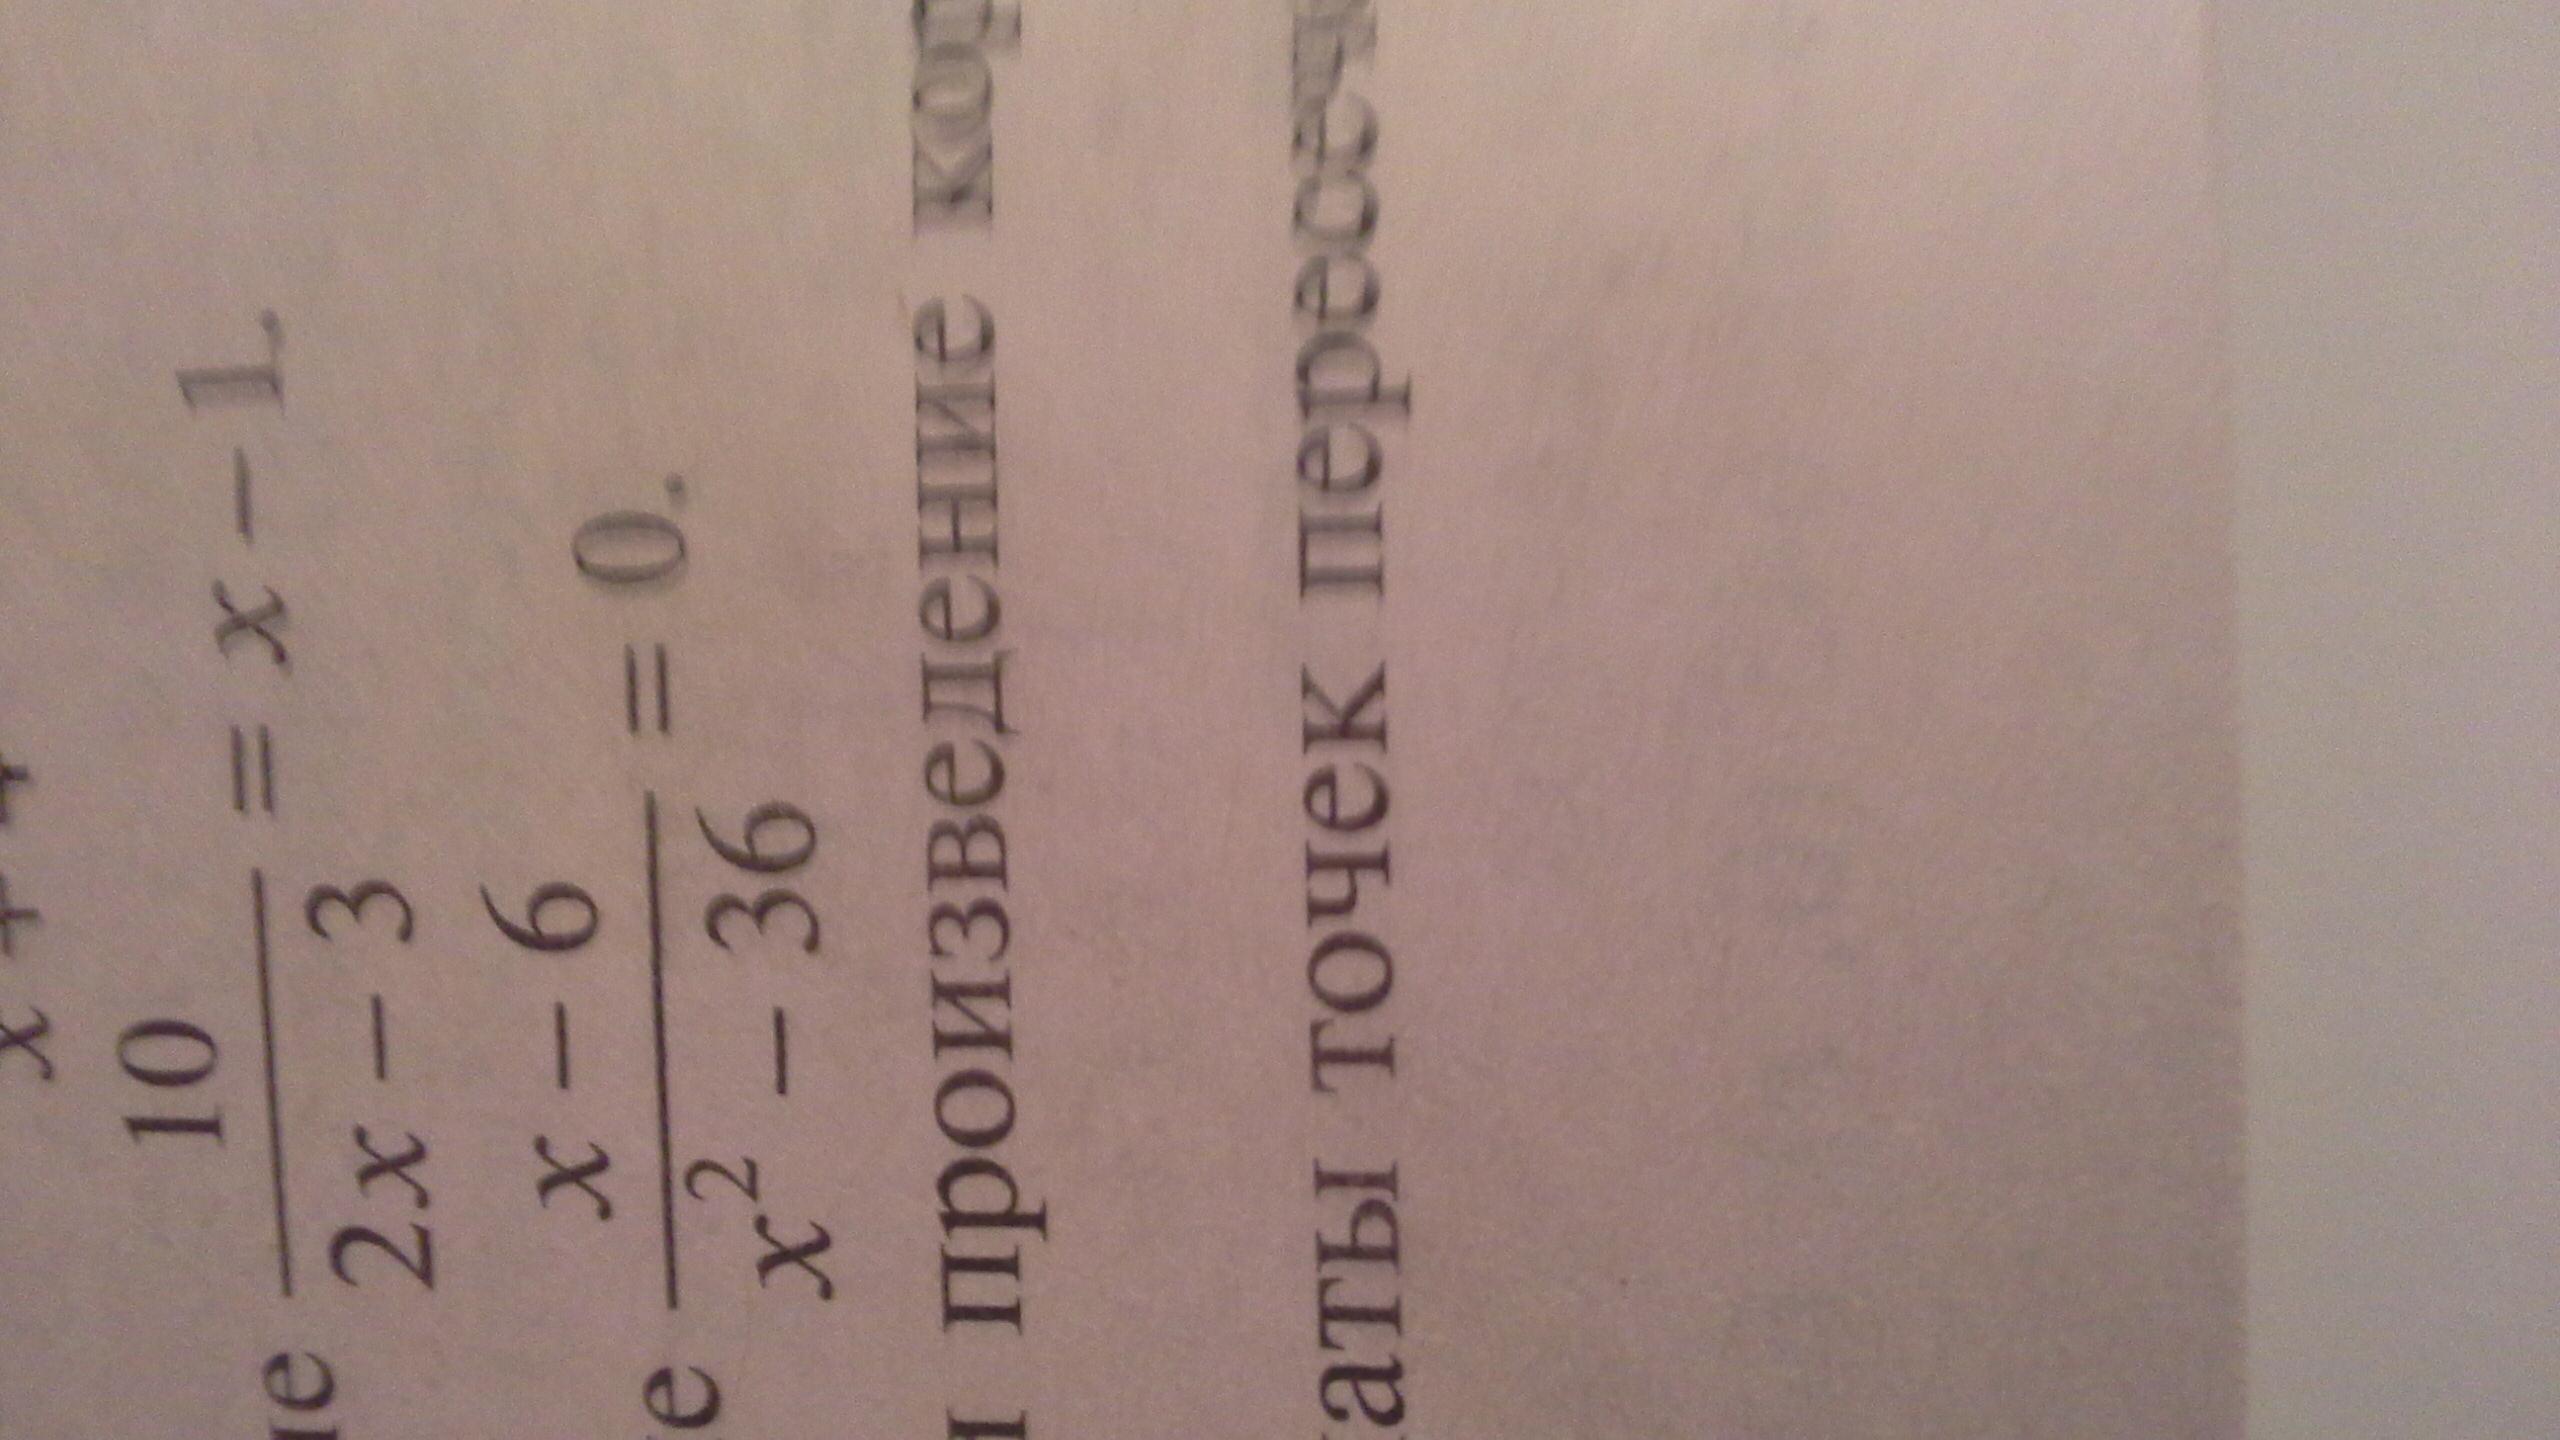 Решите оба уравнения Пж если вам не трудно